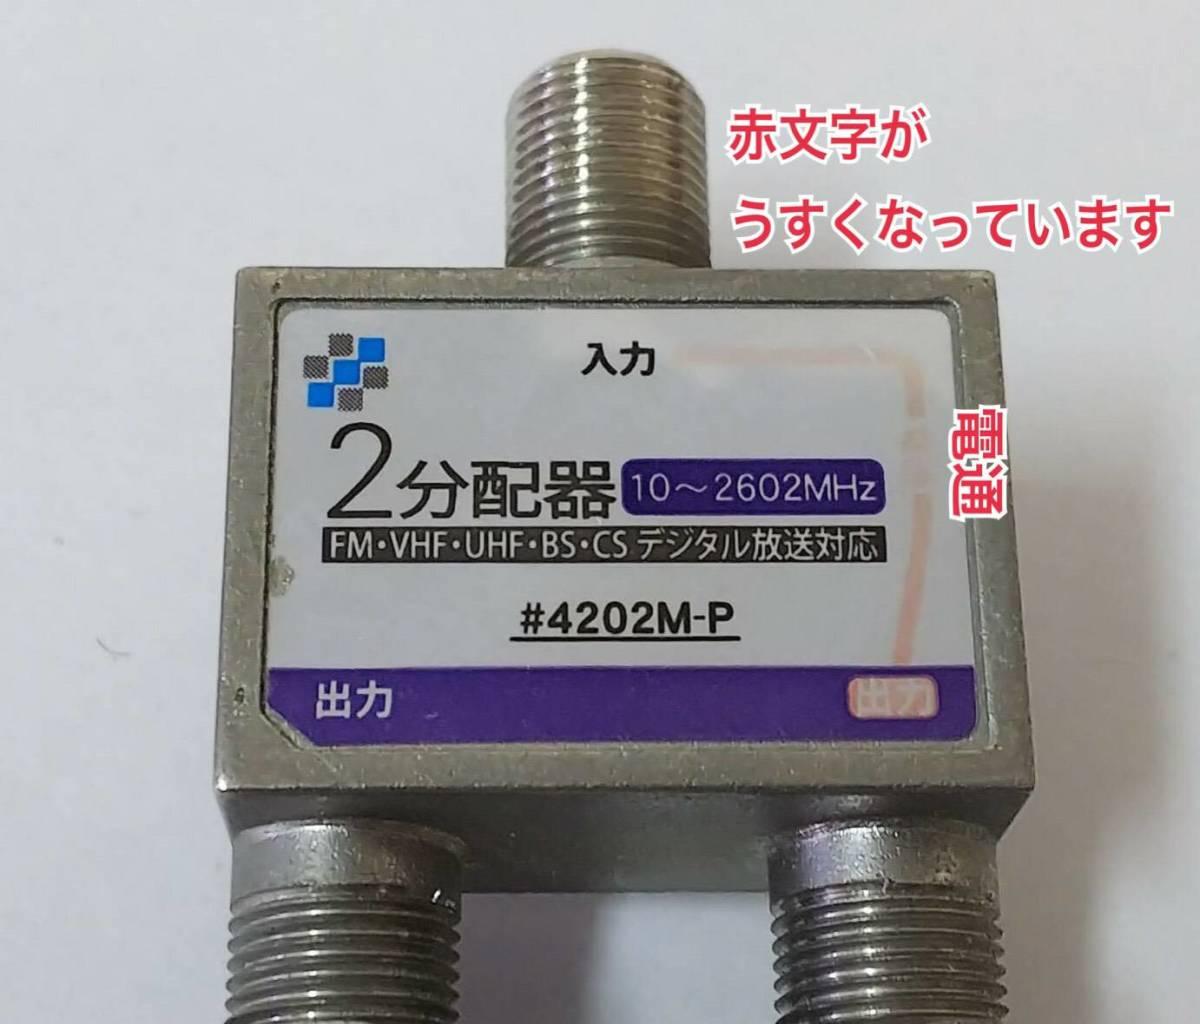 テレビアンテナ2分配器(分波器) 地上・BS・110度CSデジタル放送対応 #4202M-P 中古 7台有_画像2